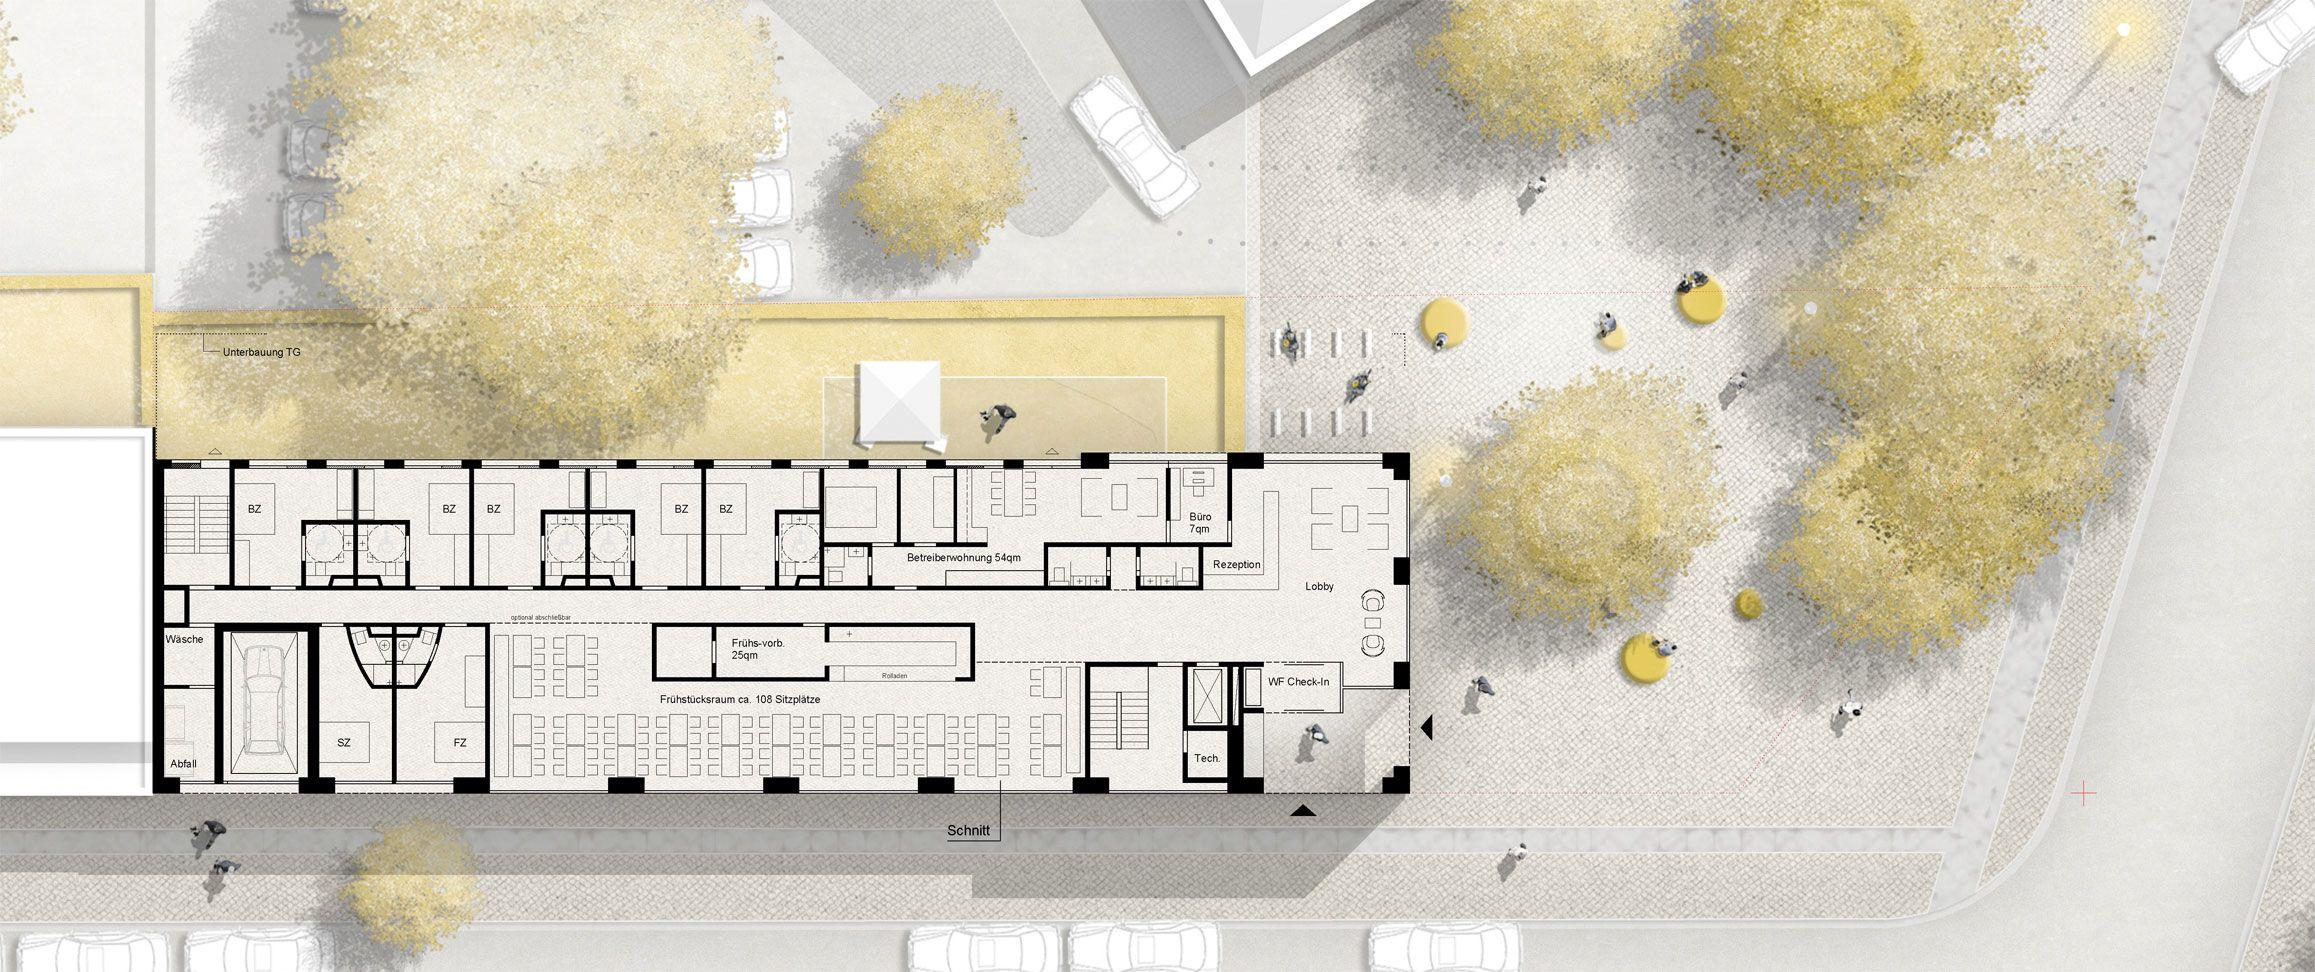 1 preis neubau eines b b hotels competitionline for Gastronomie architektur